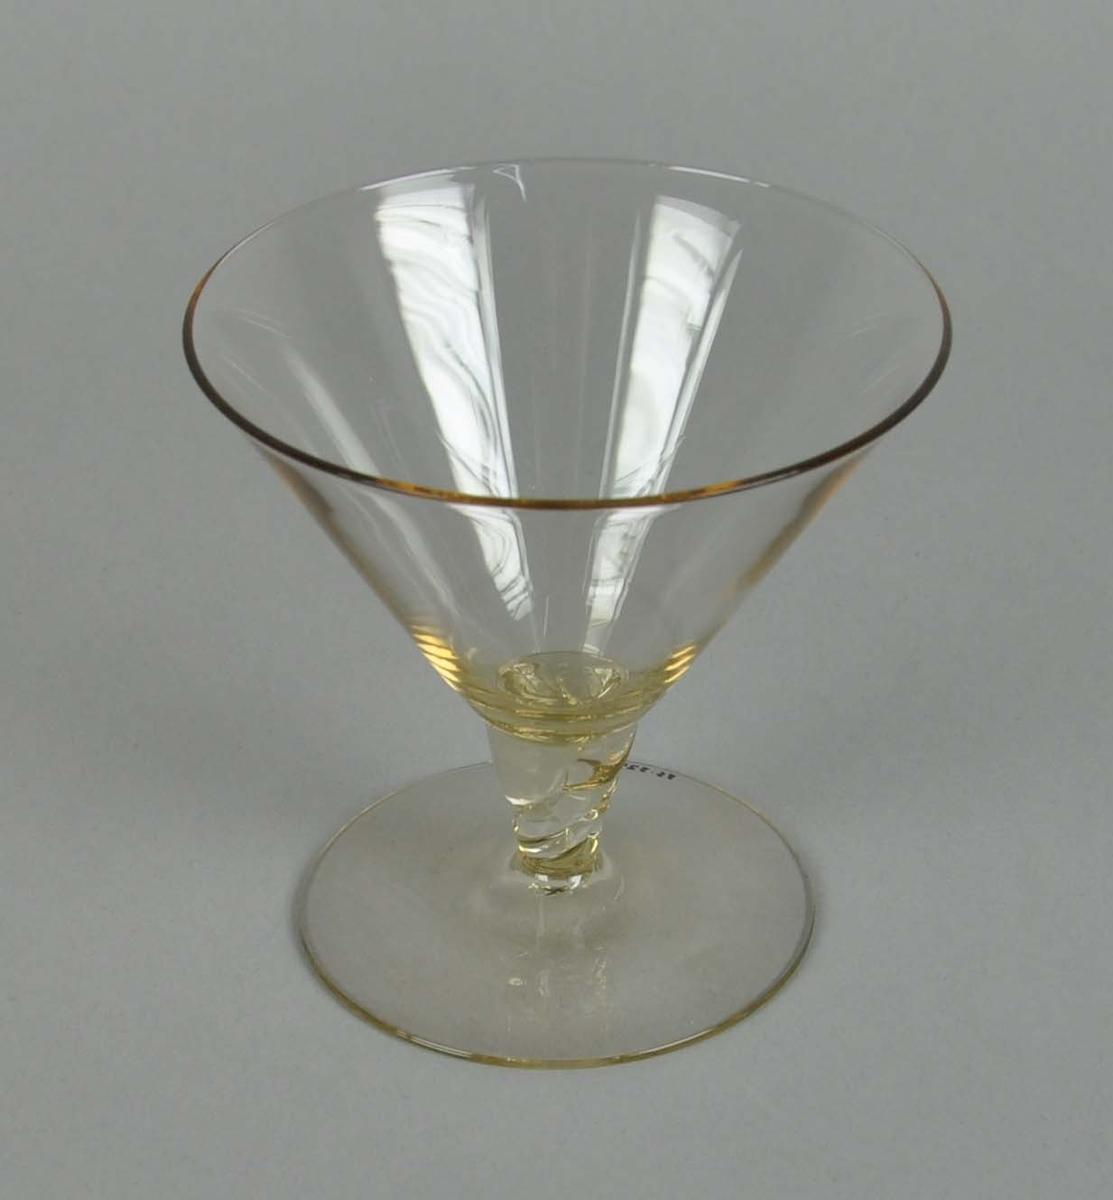 Coctailglass av gult glass. Glasset har y-form med spiralisert stett.